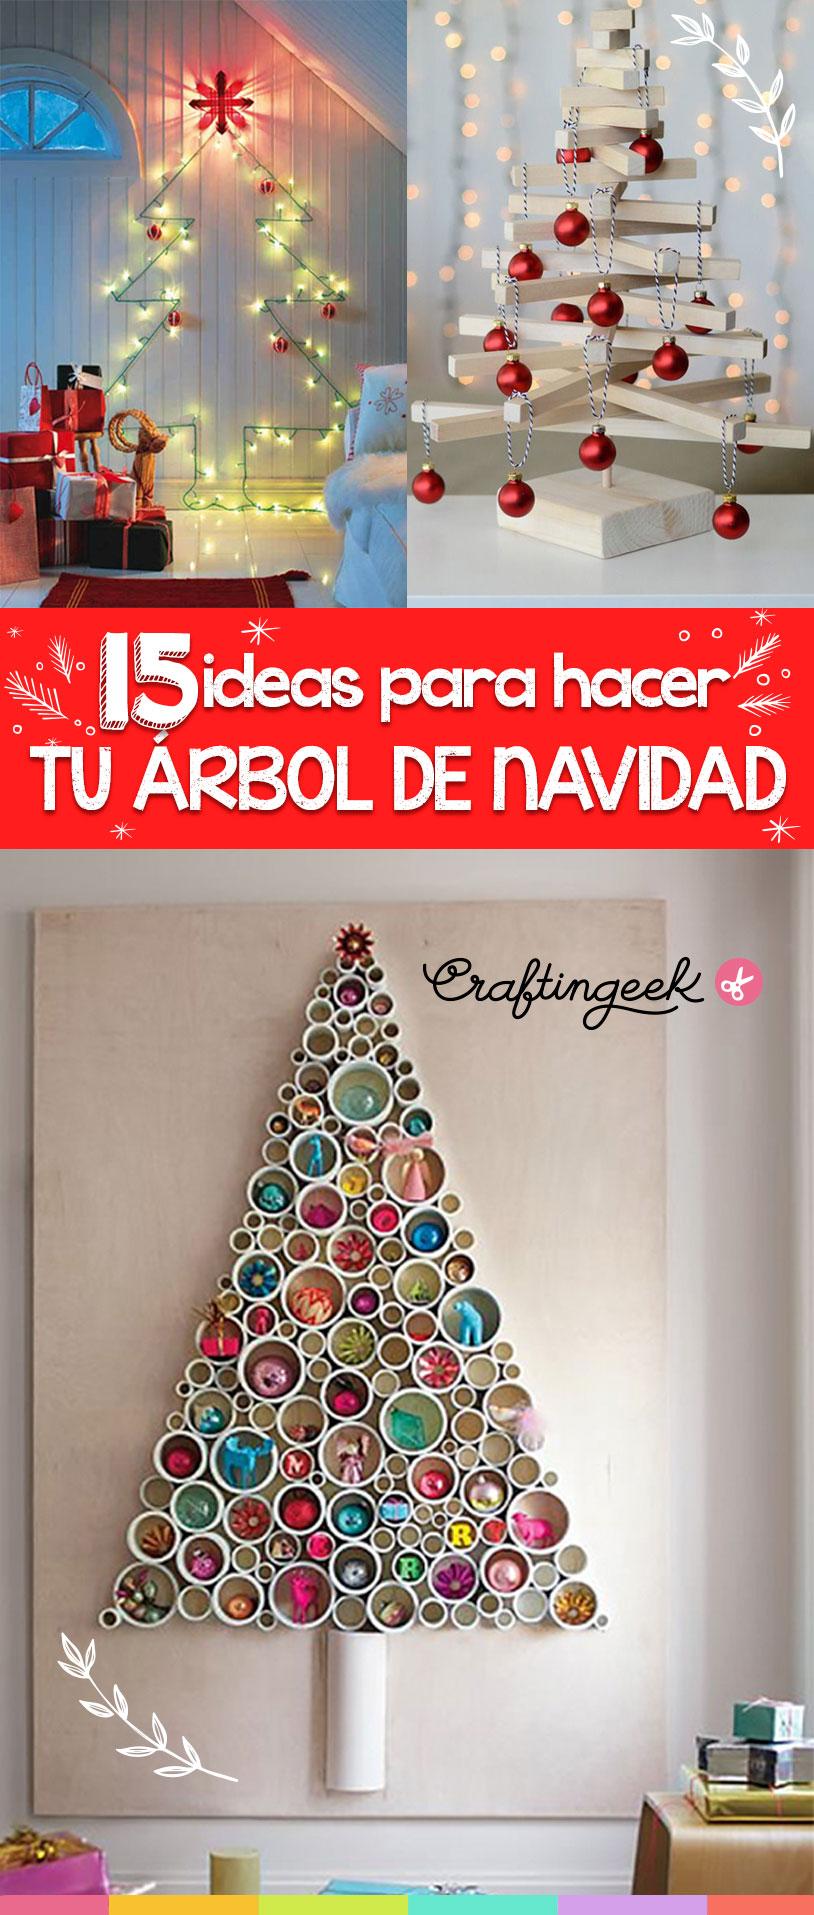 15 ideas para hacer tu propio rbol de navidad craftingeek - Ideas arbol de navidad ...